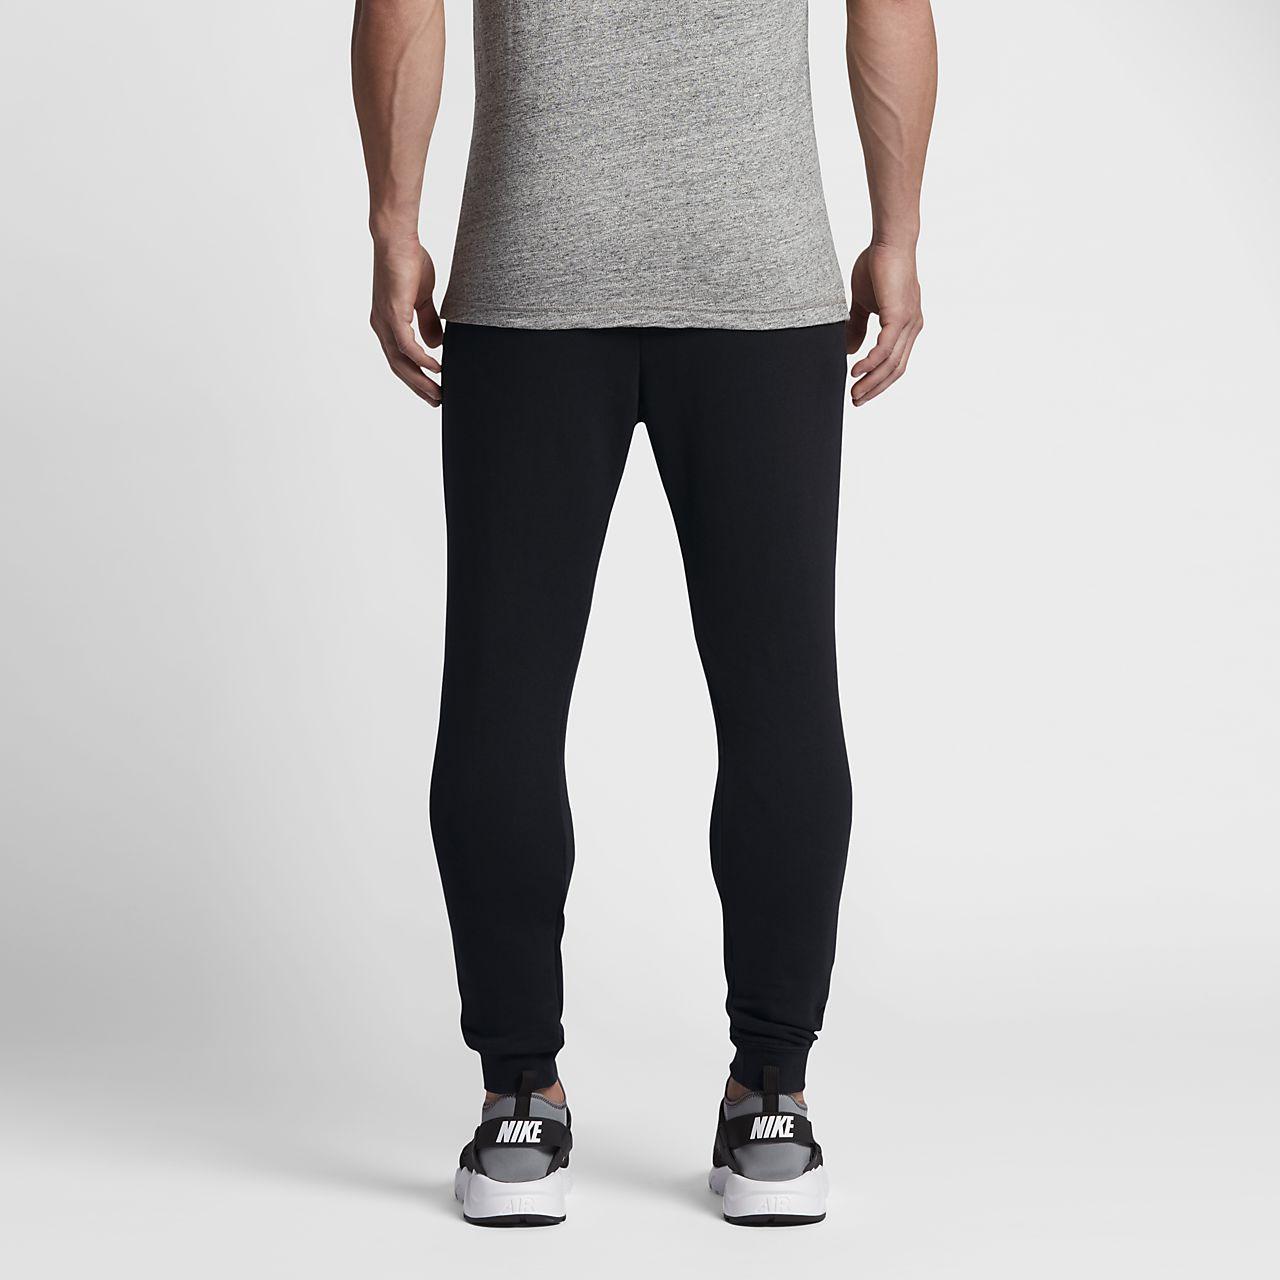 Low Resolution Nike Sportswear Modern Men's Joggers Nike Sportswear Modern  Men's Joggers